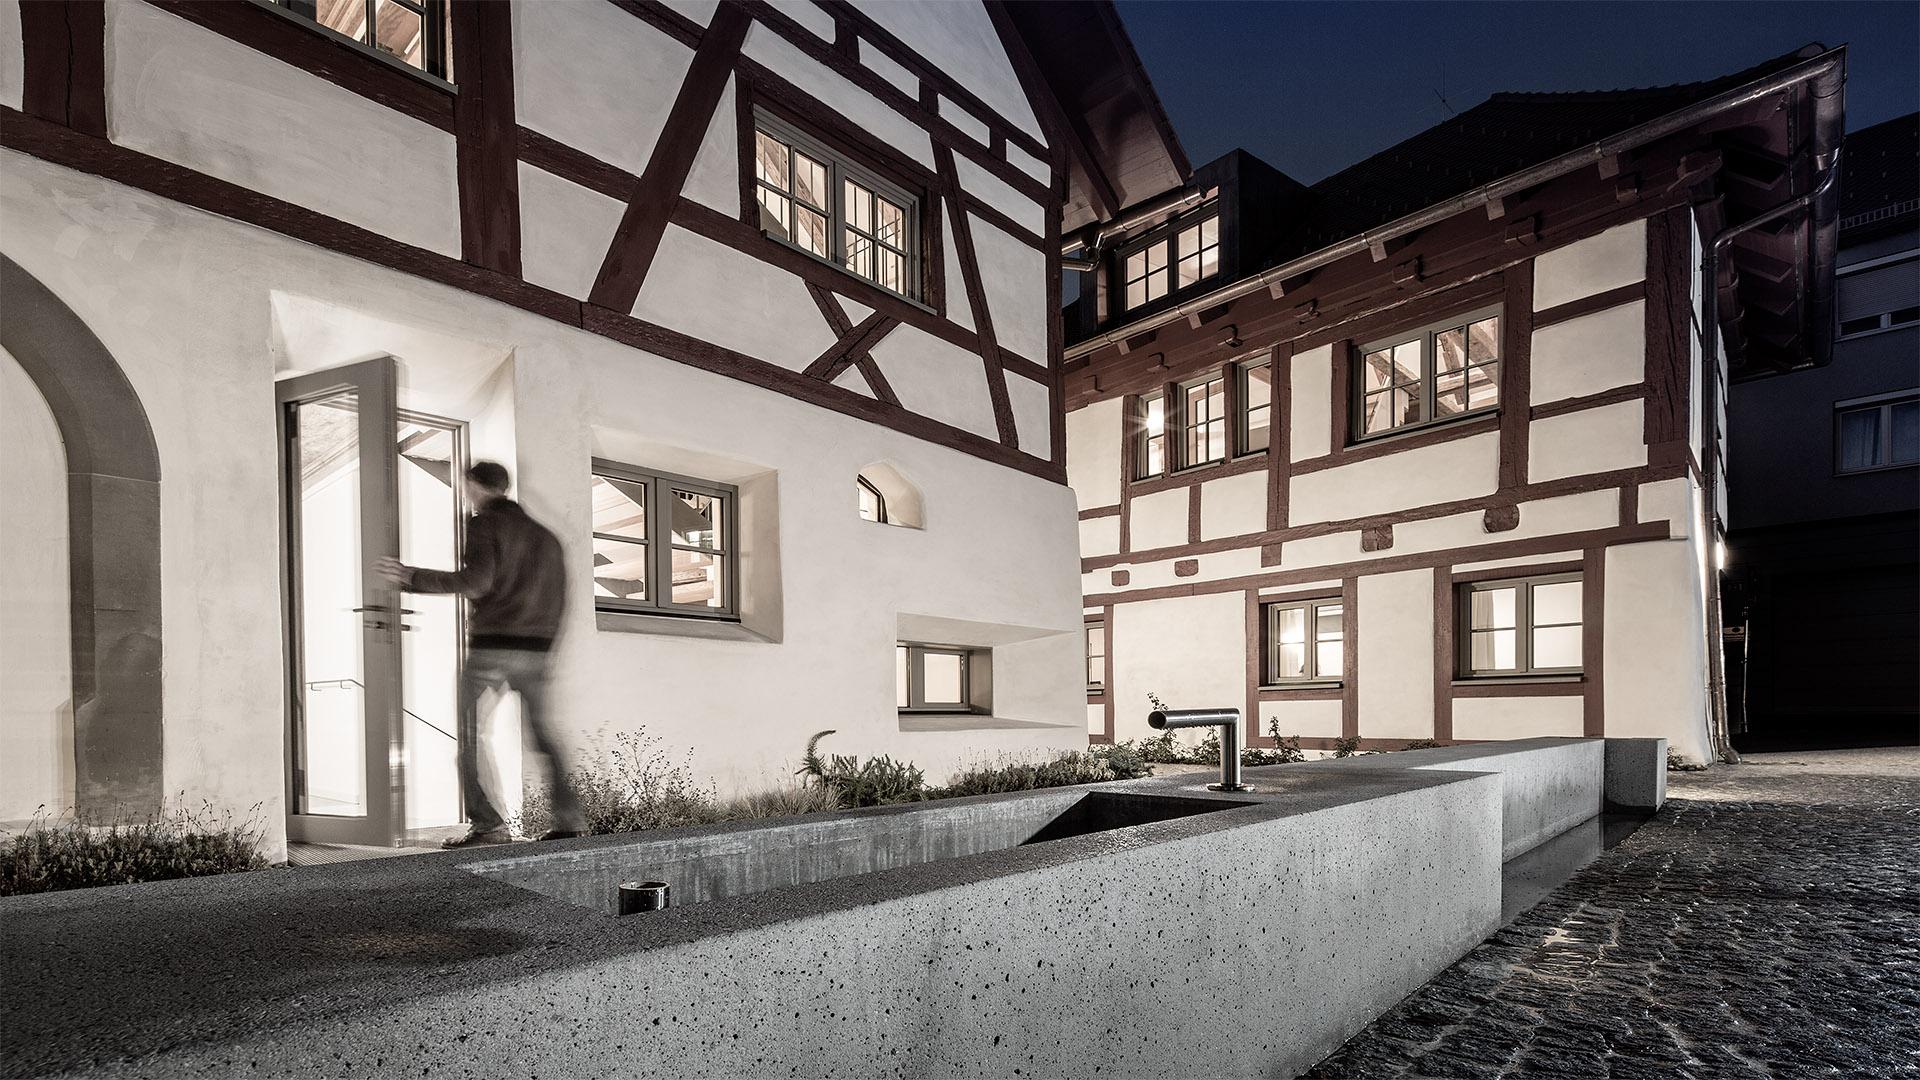 Gobber_Kolpinghaus_008ret.jpg